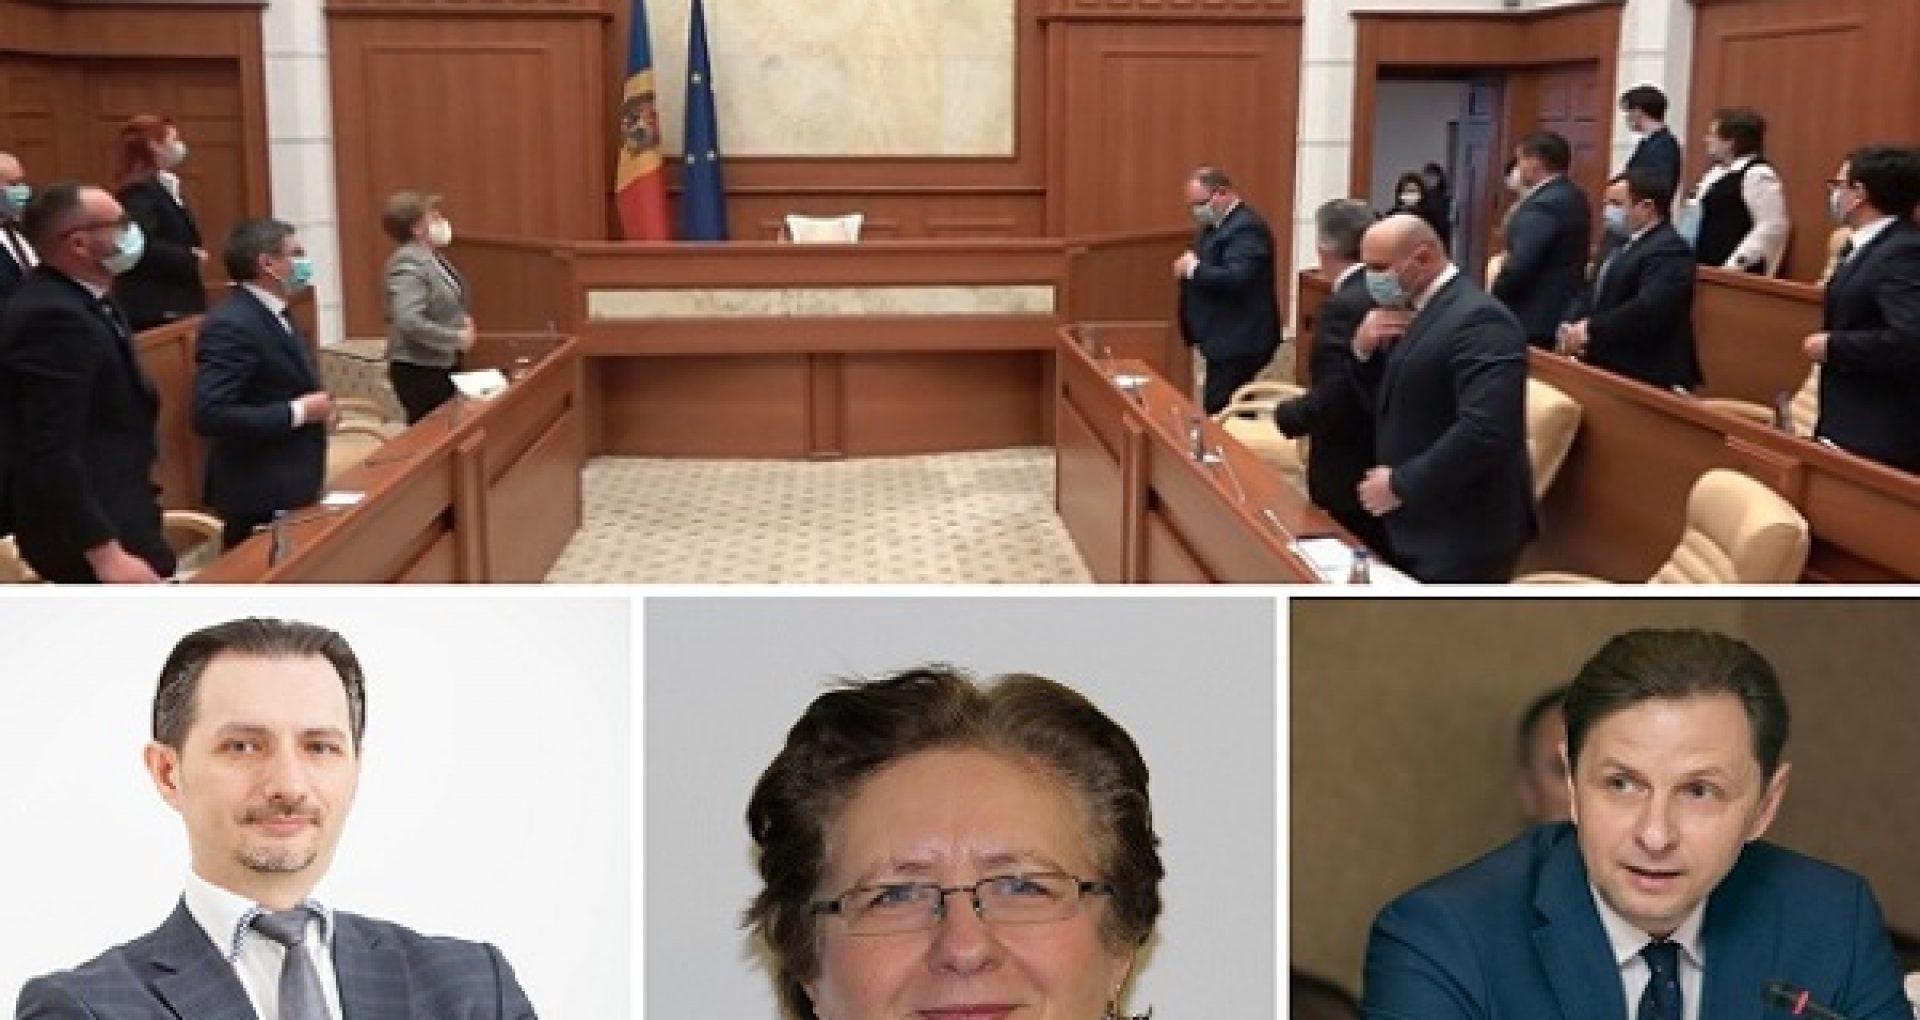 Noua componență a Consiliului Superior de Securitate. Cine sunt noii membri, cât de legitimă este prezența reprezenților ONG-urilor și ce spun experți, foști, dar și actuali membri ai CSS